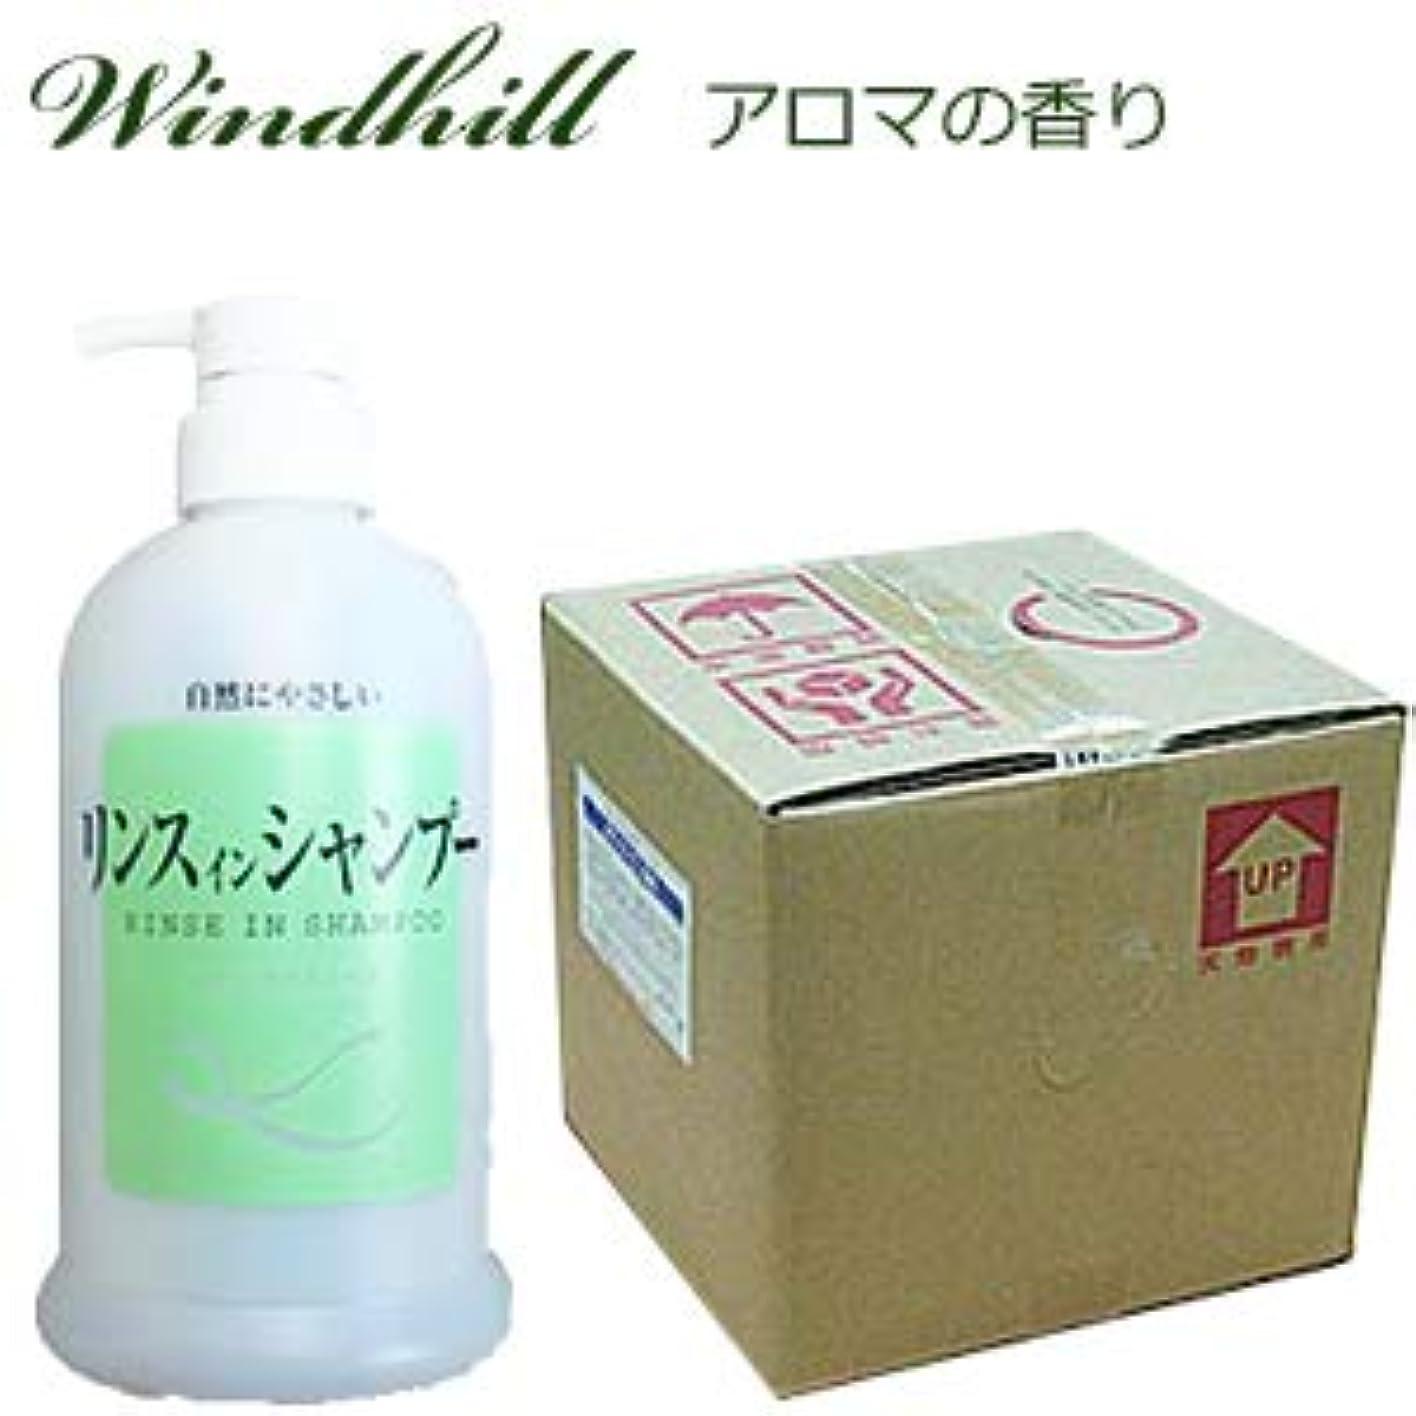 受付広告主学習なんと! 500ml当り188円 Windhill 植物性業務用 リンスインシャンプー 紅茶を思うアロマの香り 20L